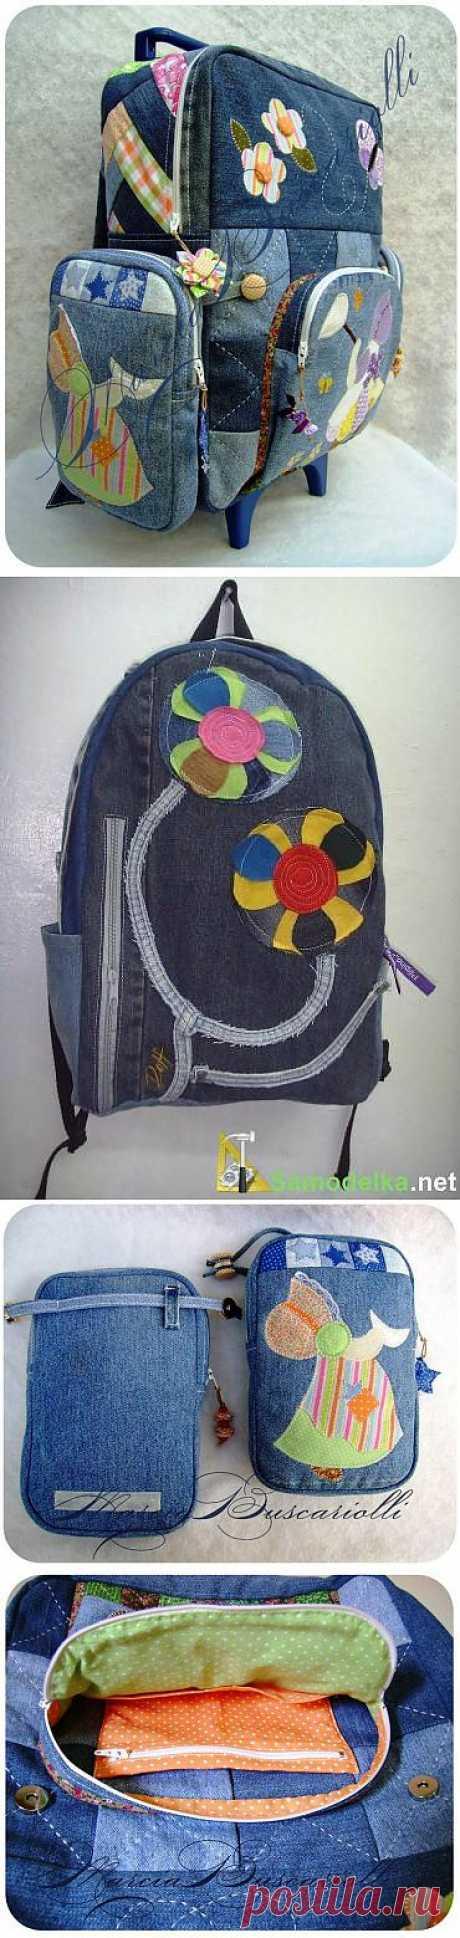 Для вдохновения: Как сшить рюкзак из джинс. Аппликация, выкройки, идеи.